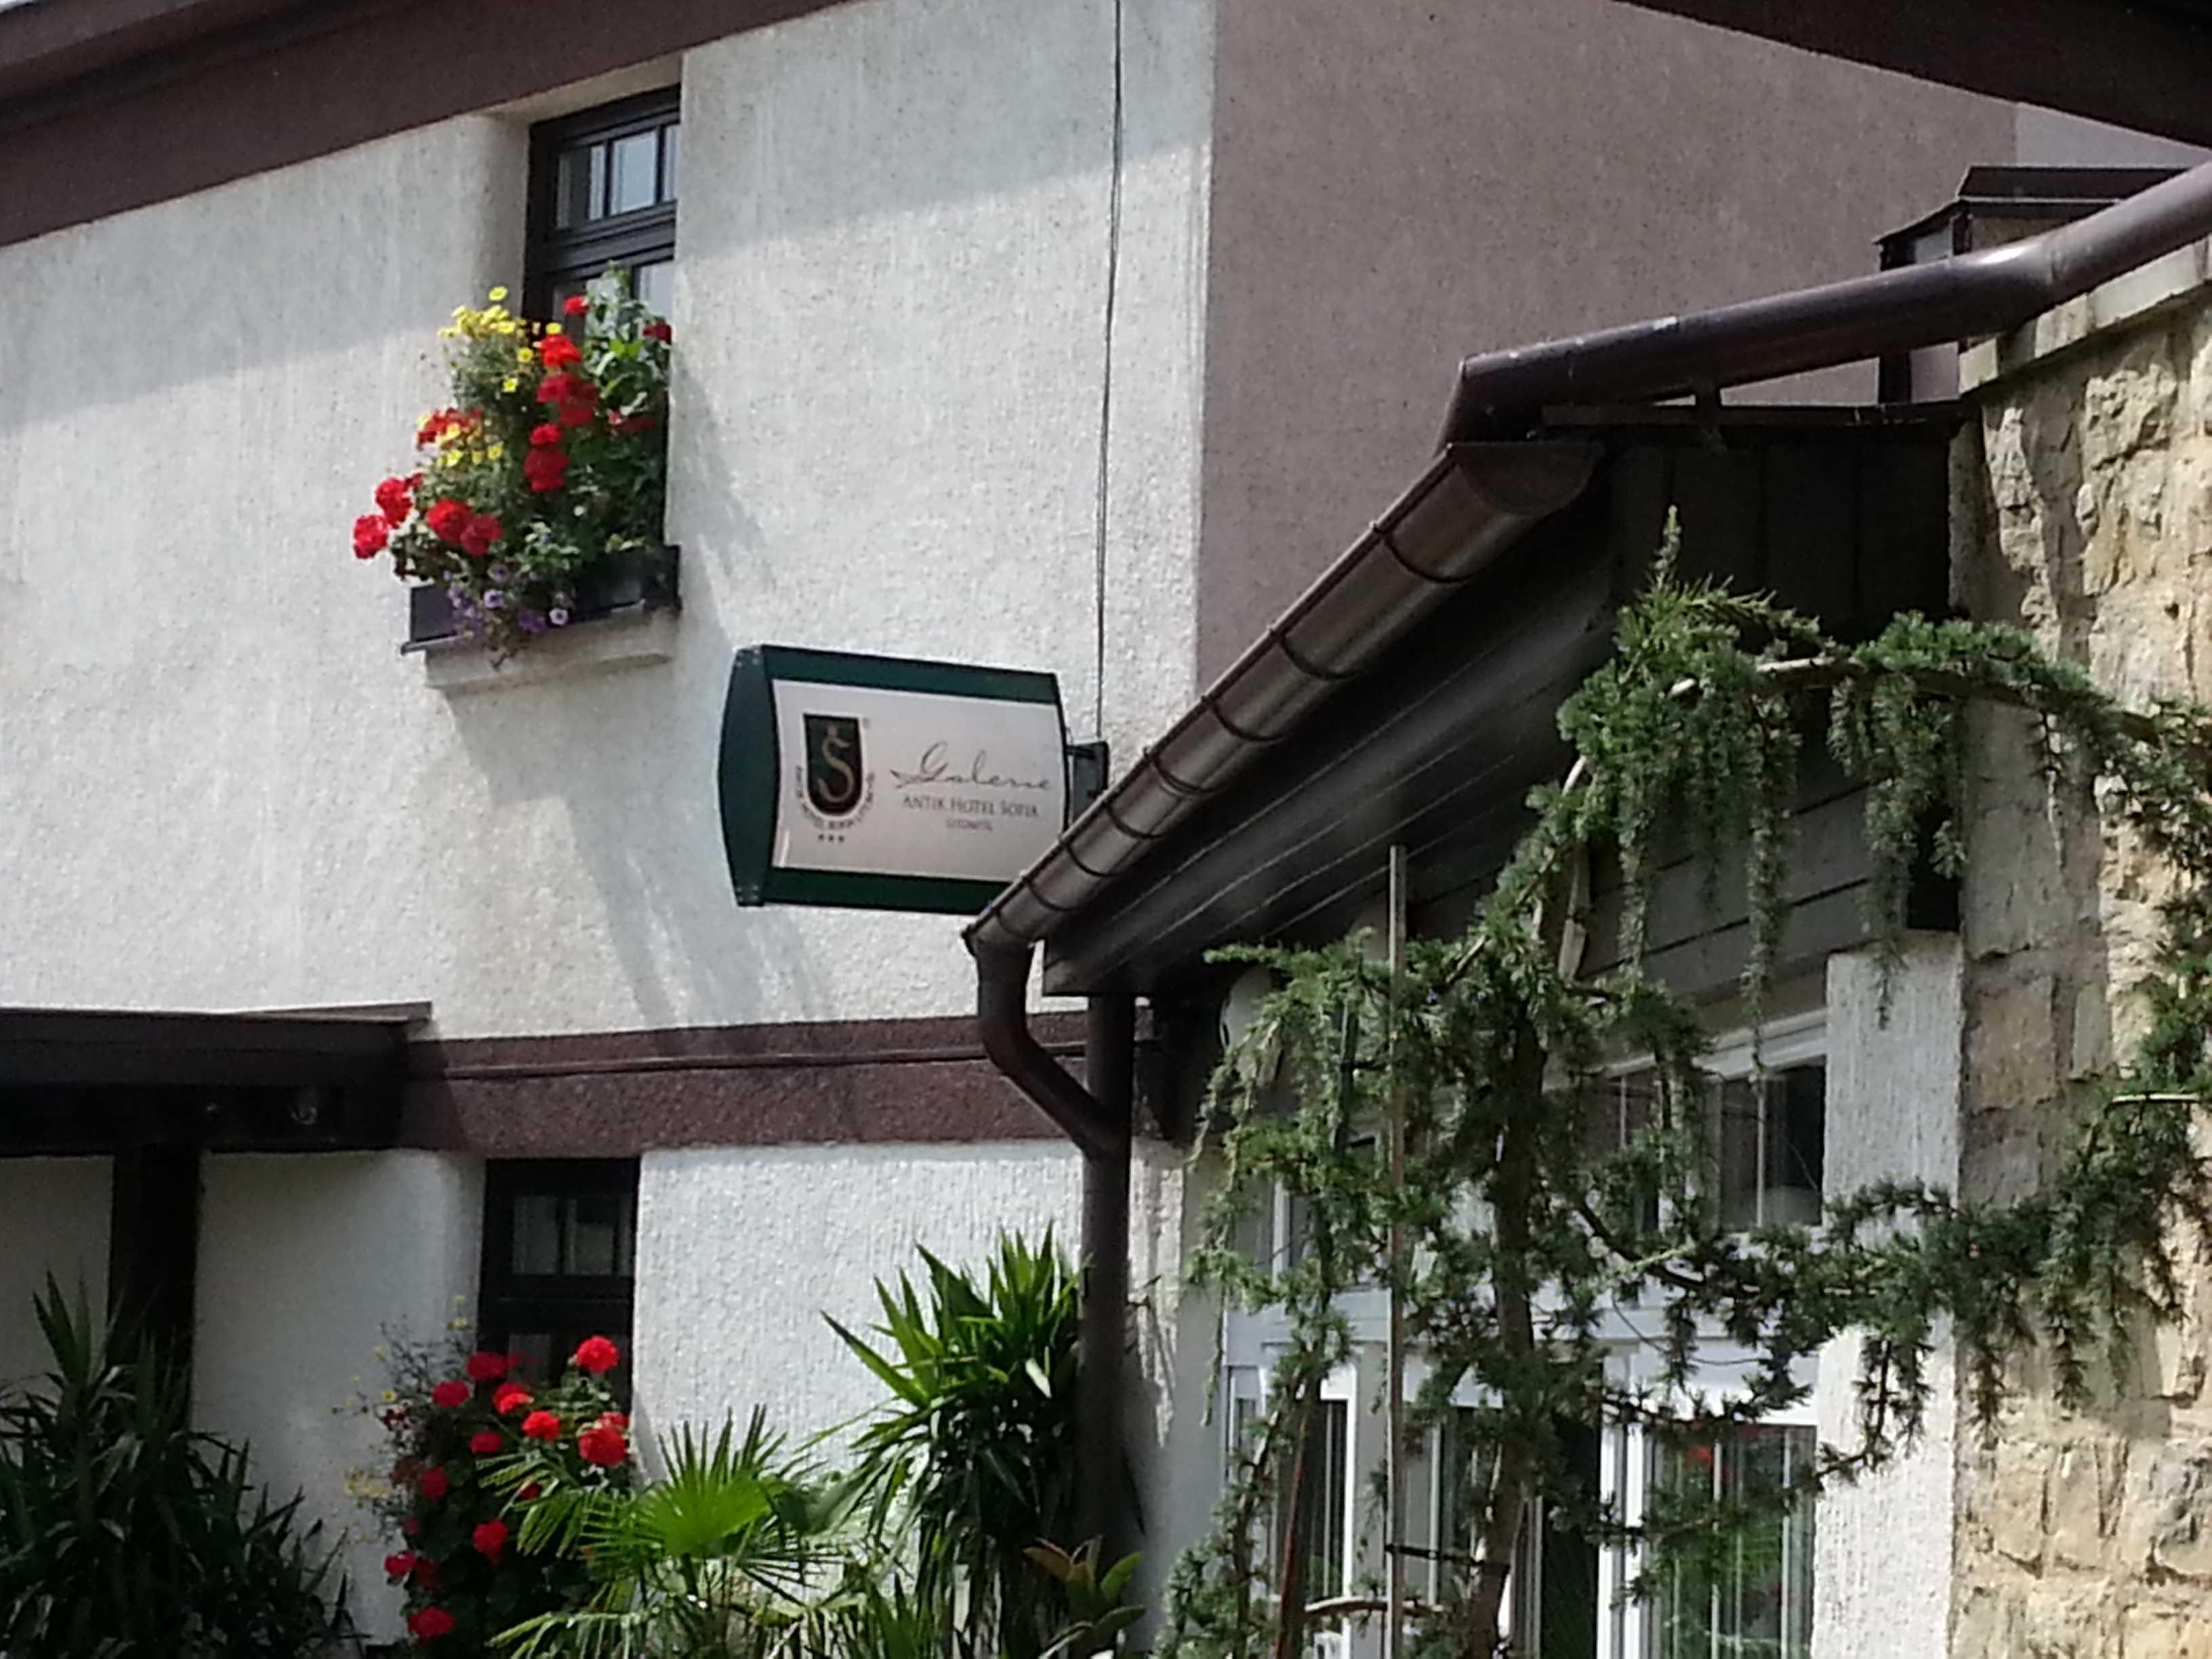 antik-hotel-sofia-s-r-o_galerie-sofia-restaurant-sofia-1